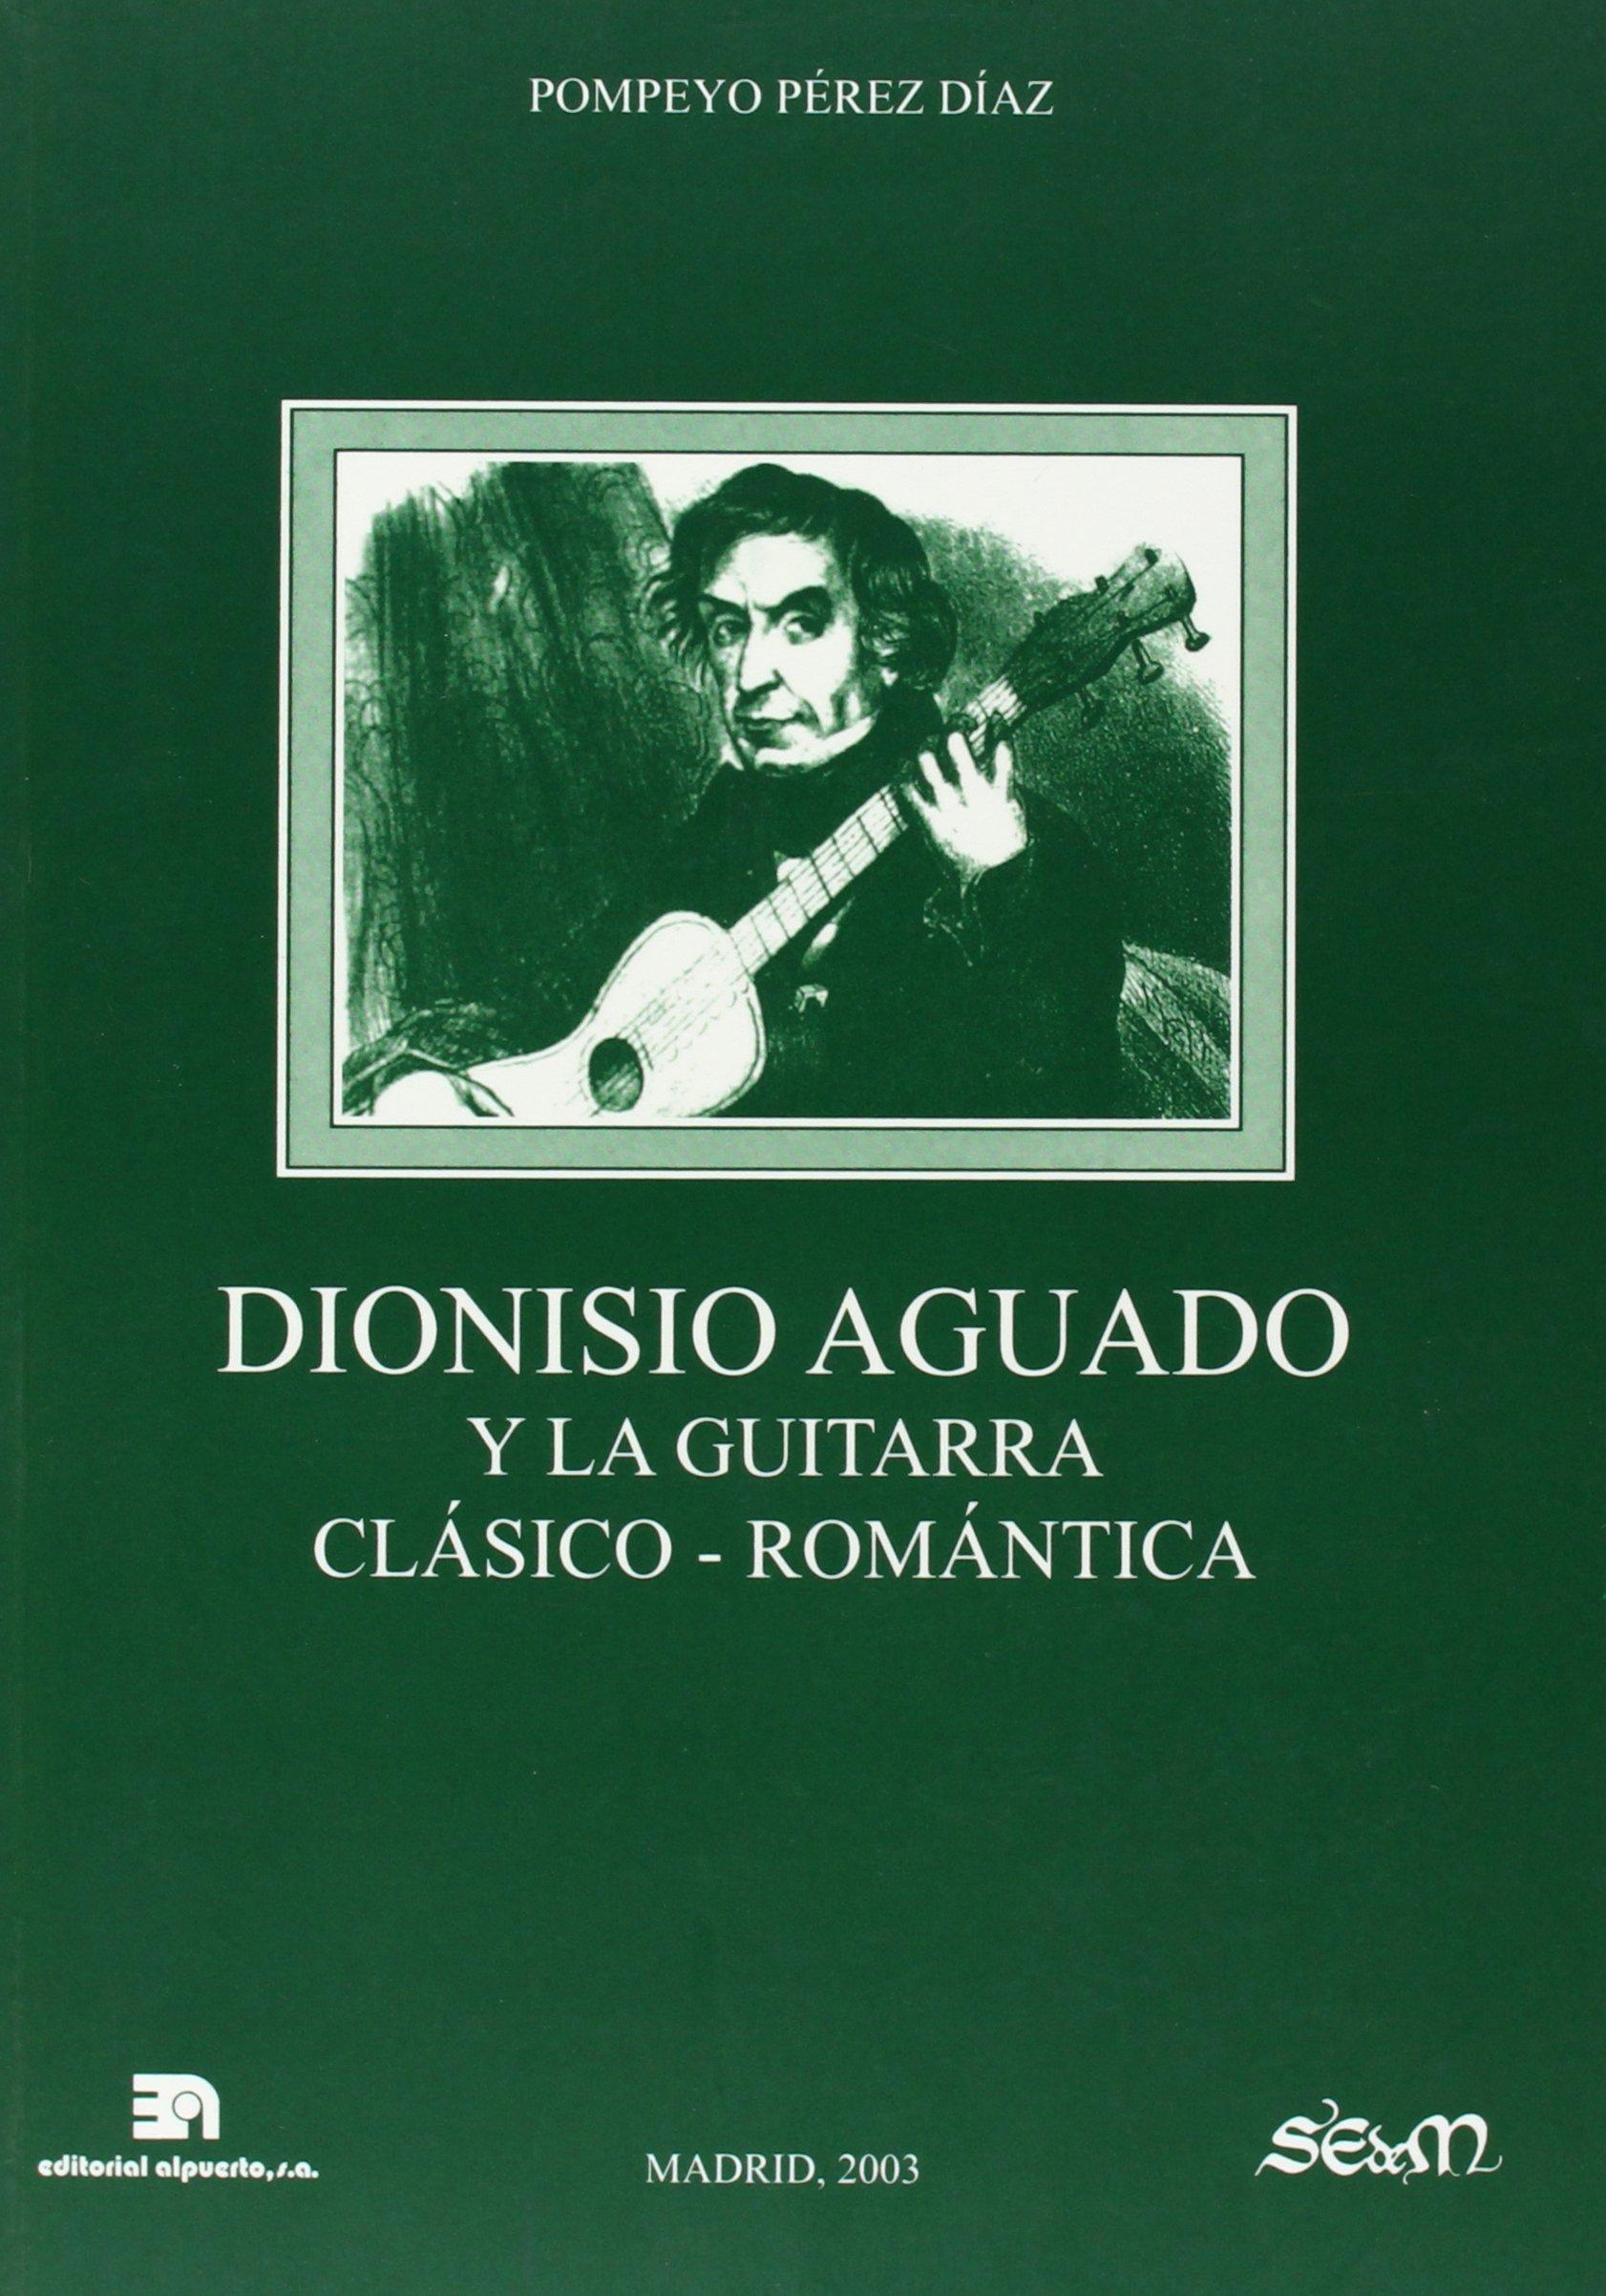 Dionisio Aguado y la guitarra clásico-romántica MUSICA: Amazon.es ...